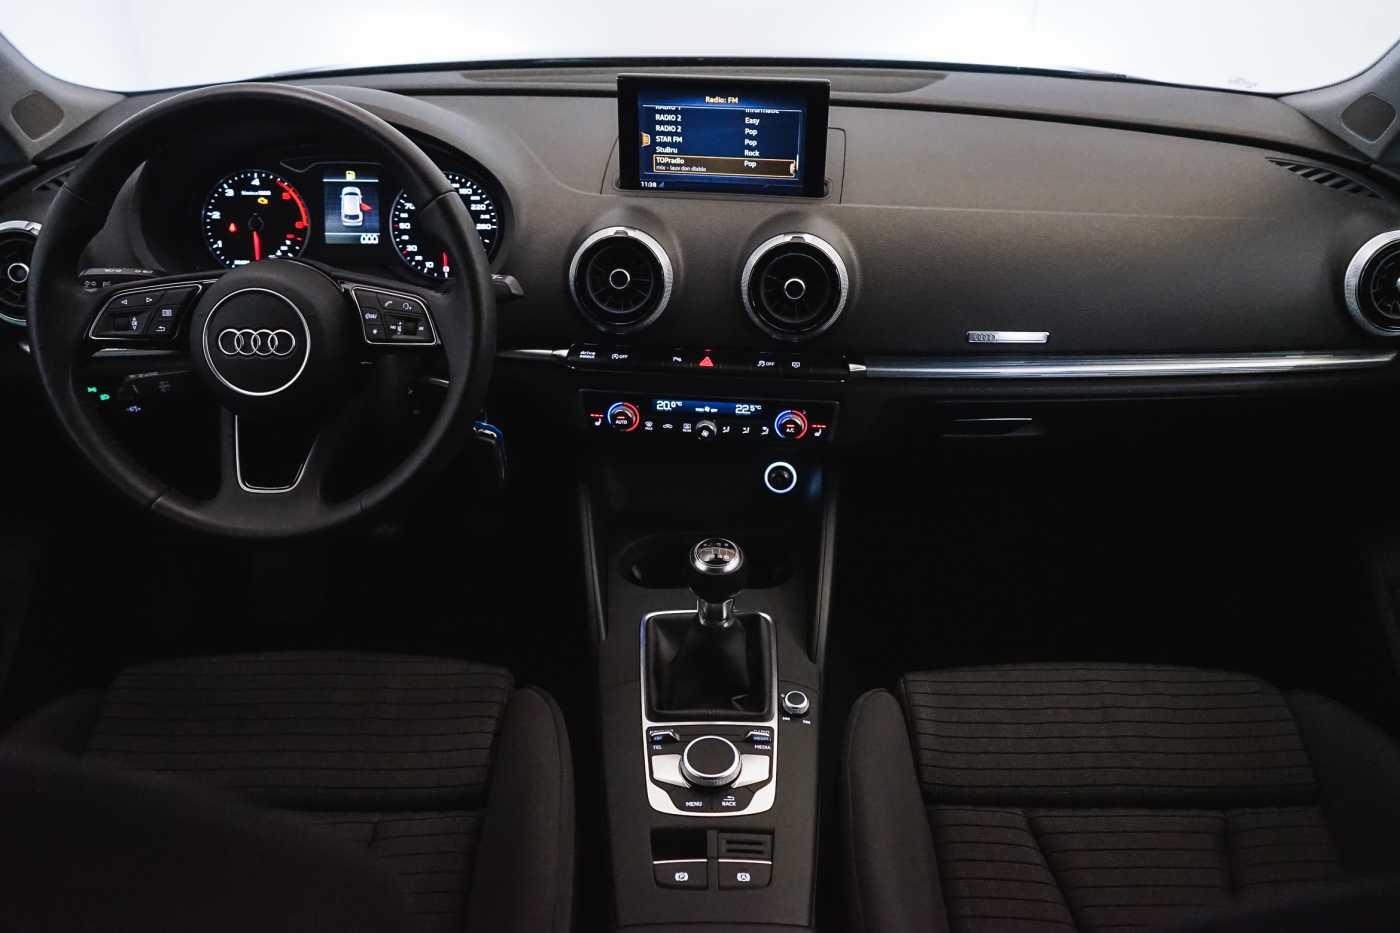 Audi A3 1.6 TDi Sport // dualzone airco, navi, zetelverwarming 11/33